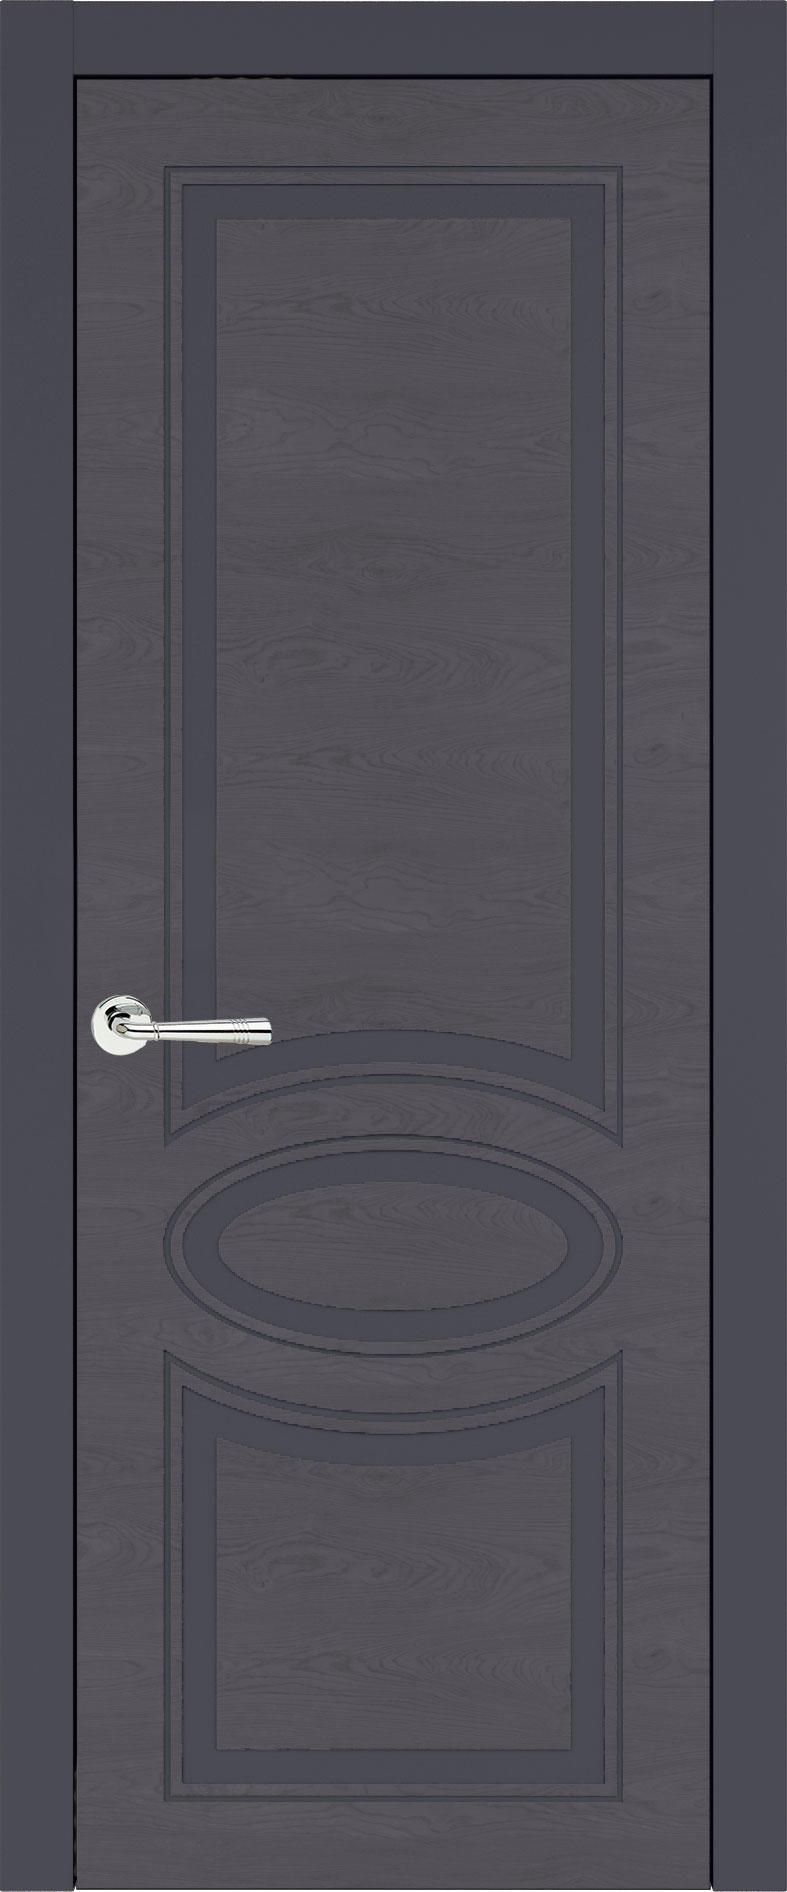 Florencia Neo Classic цвет - Графитово-серая эмаль по шпону (RAL 7024) Без стекла (ДГ)